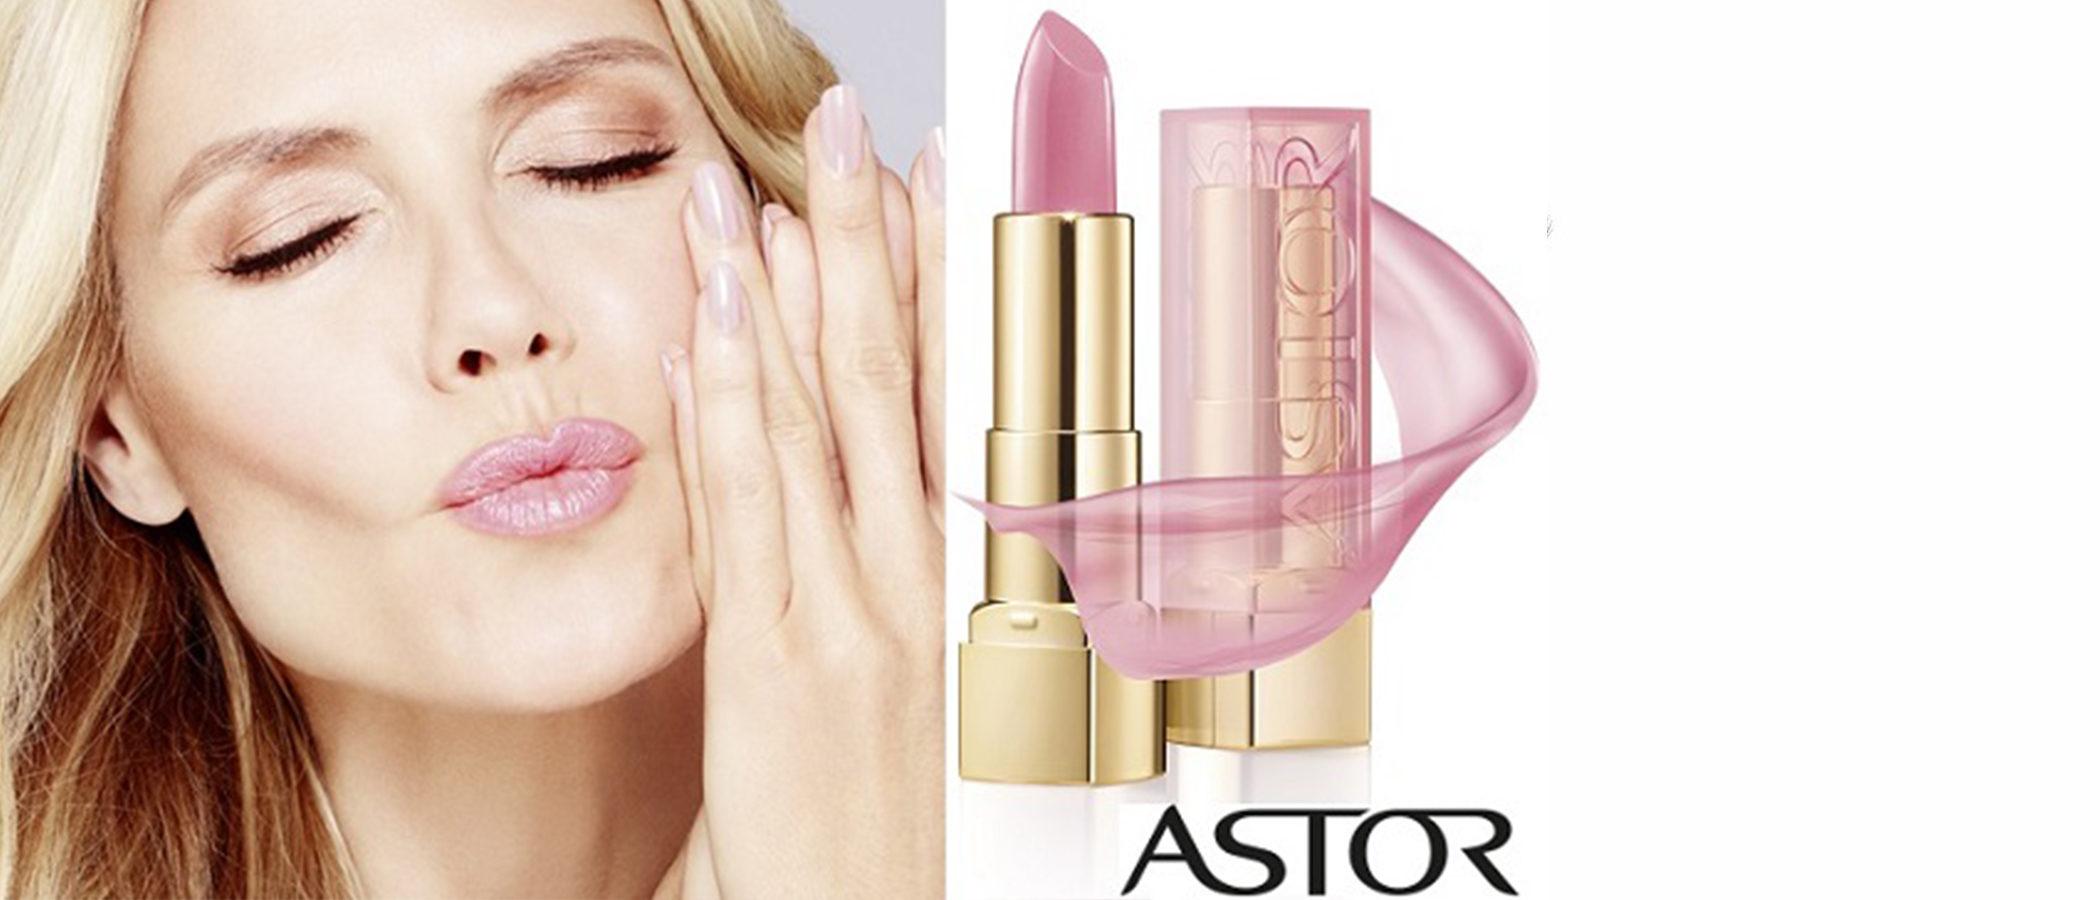 Destaca la belleza natural de tus labios con 'Soft Sensations Shine & Care' de Astor